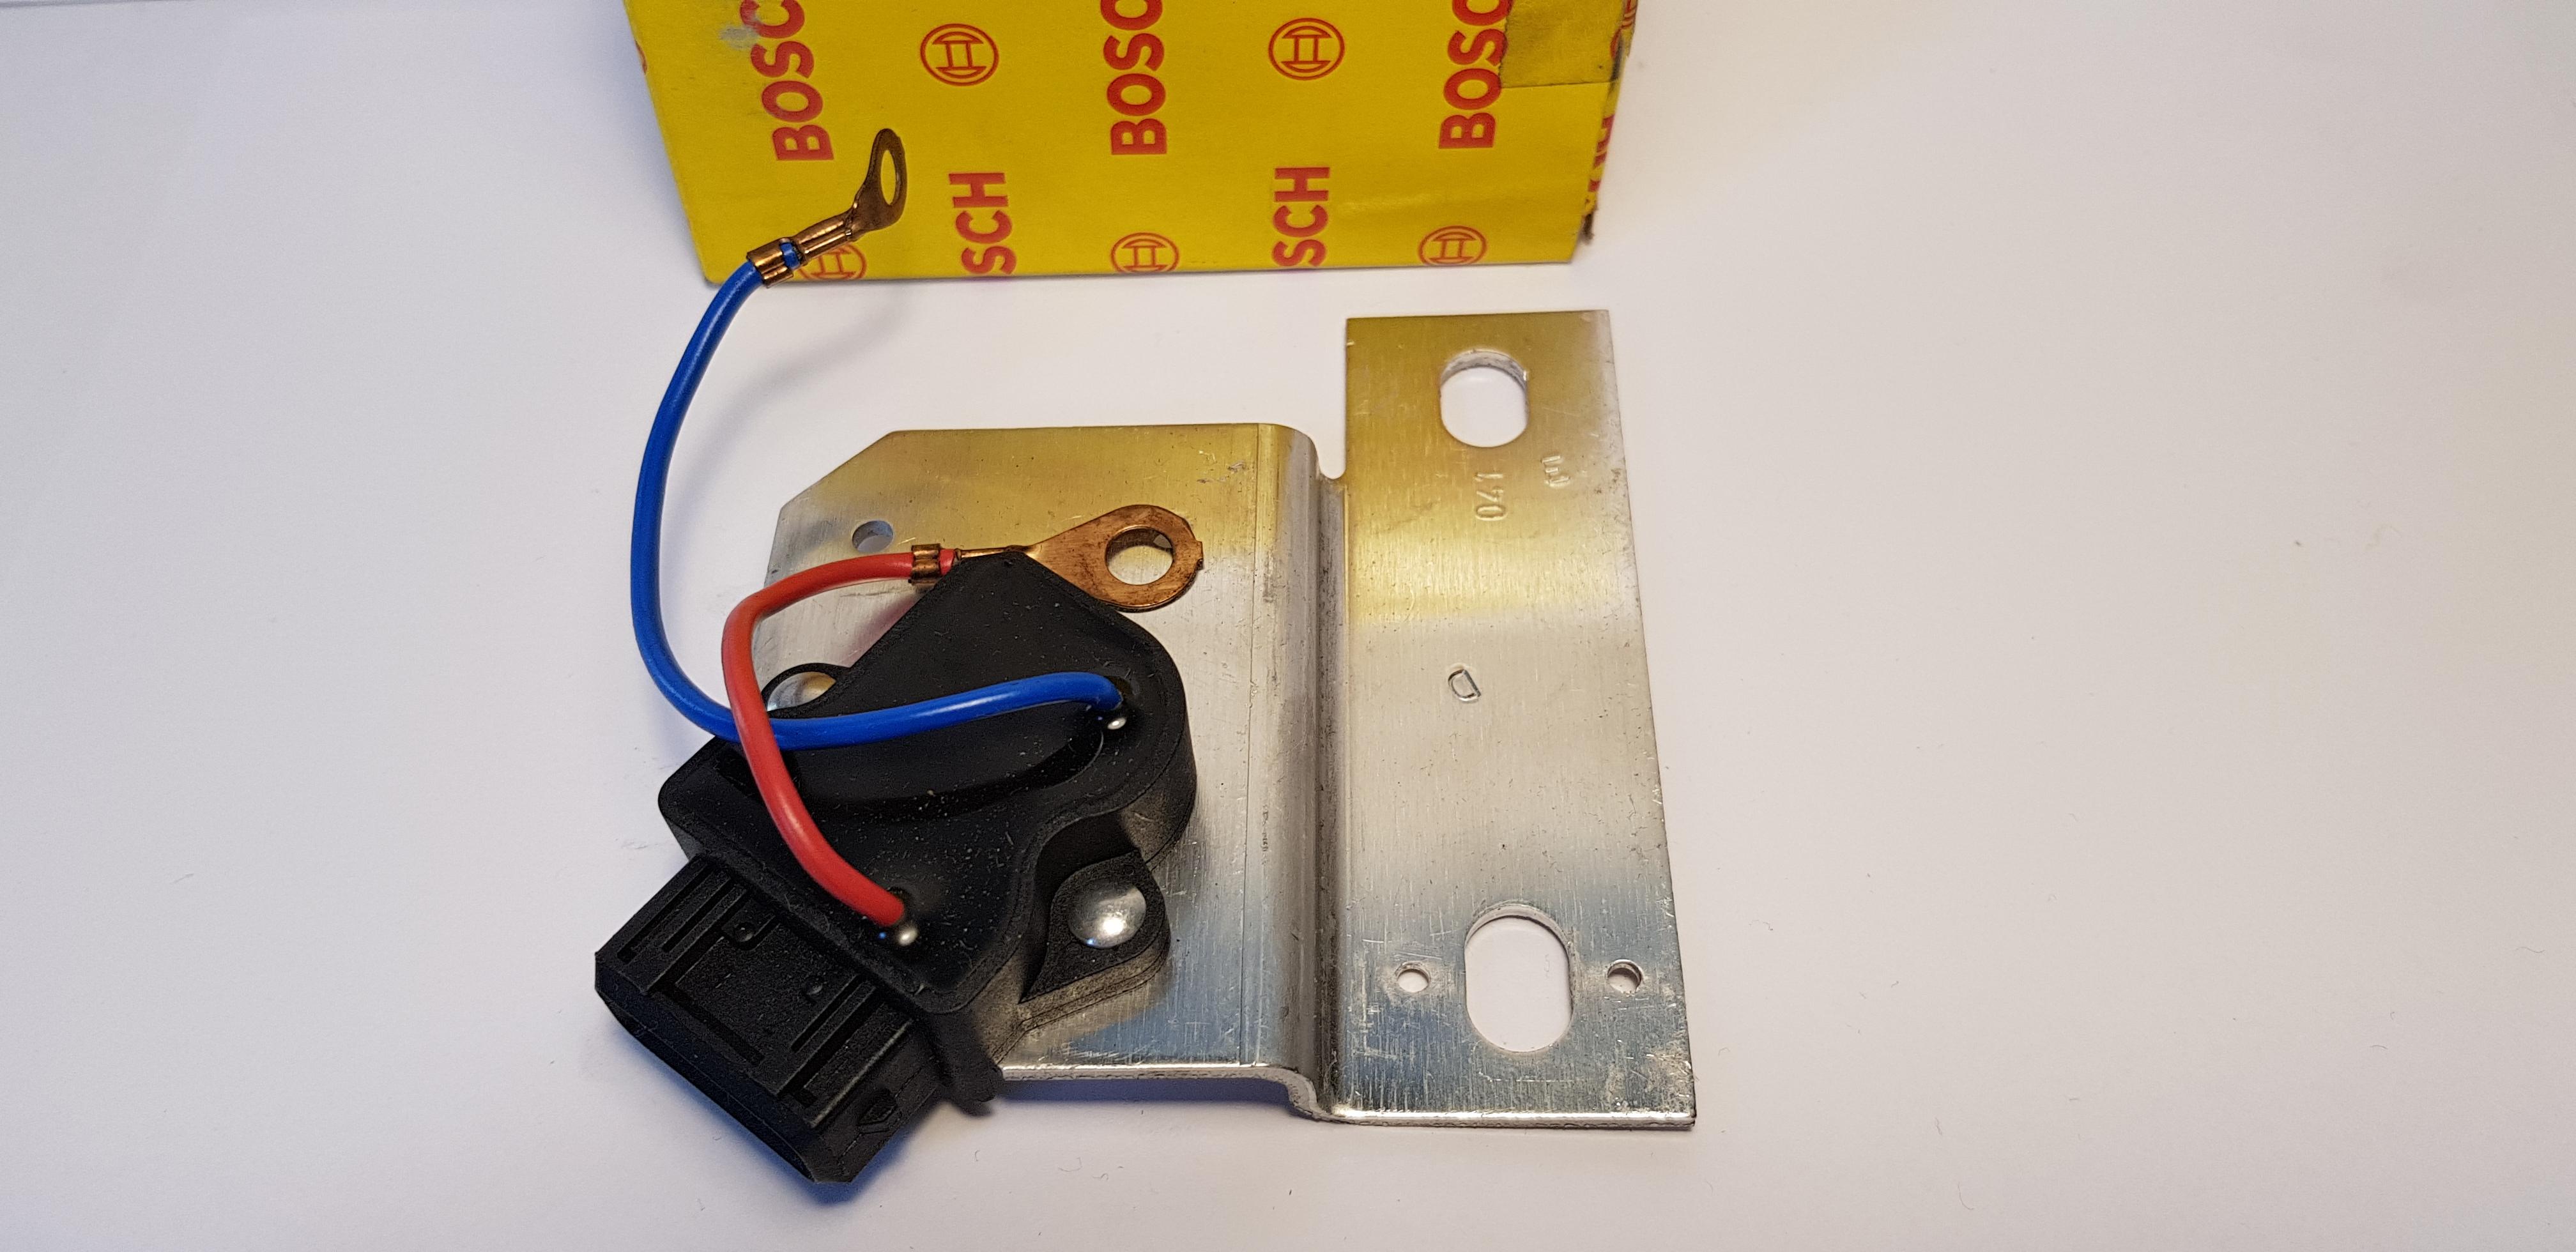 Bosch 1227022028 Schaltgerät Zündsteuergerät Zündung Steuerung Ignition Control